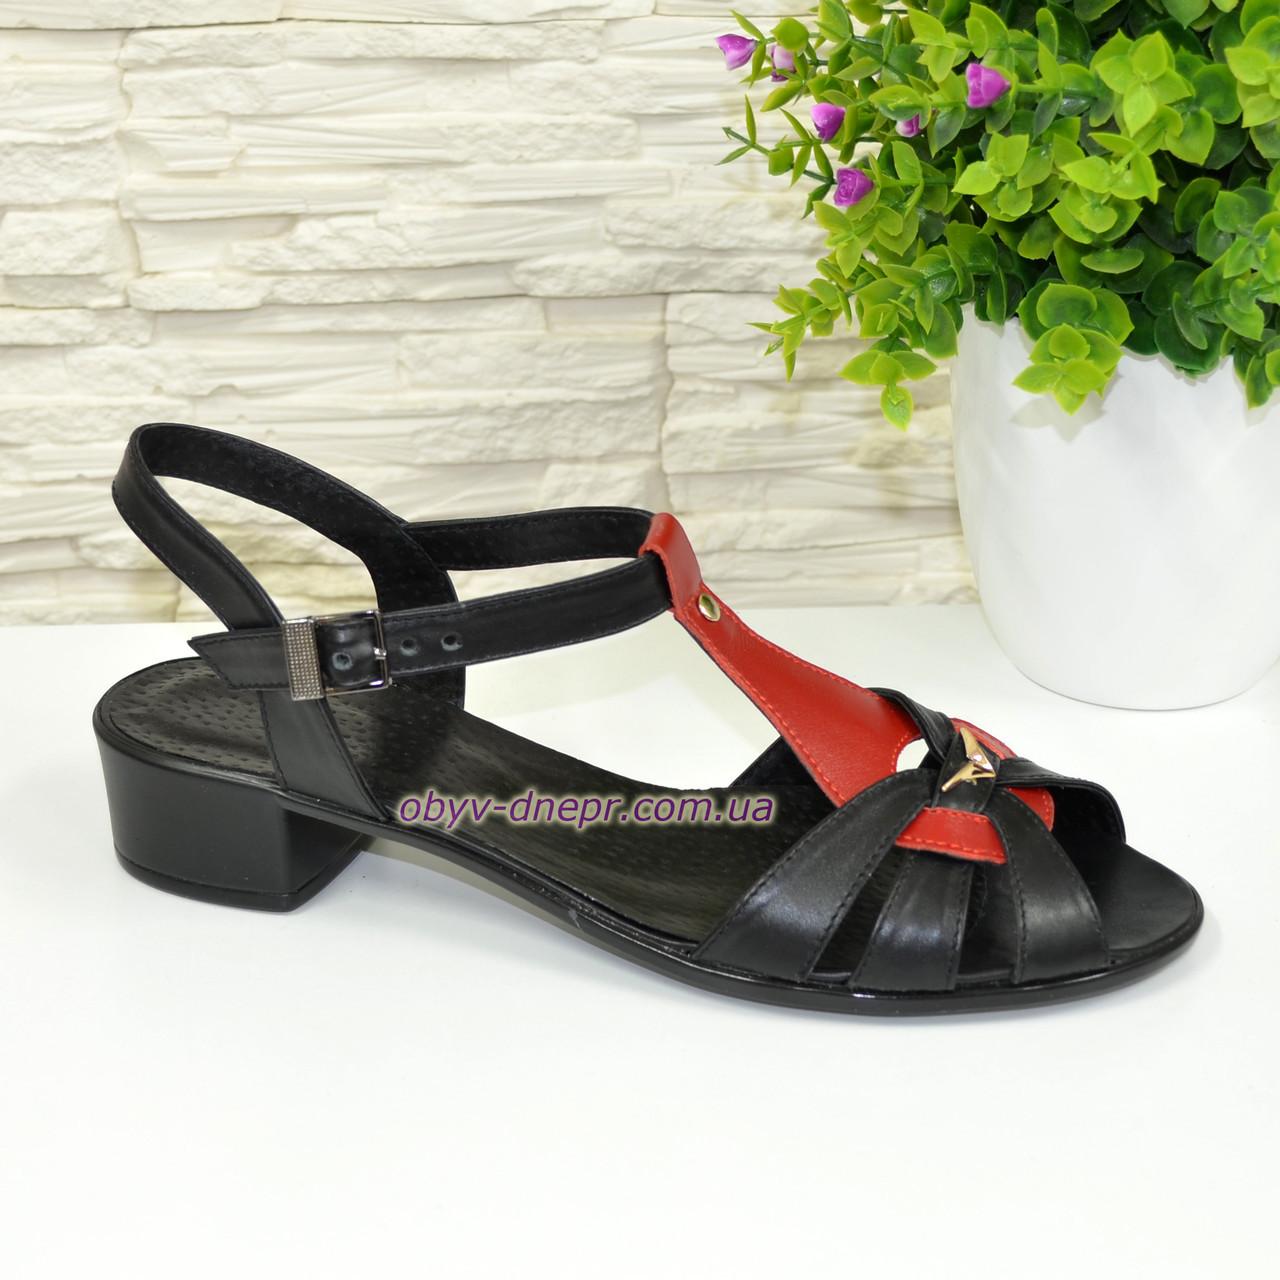 Женские кожаные босоножки на маленьком каблучке, цвет черный/красный, фото 1